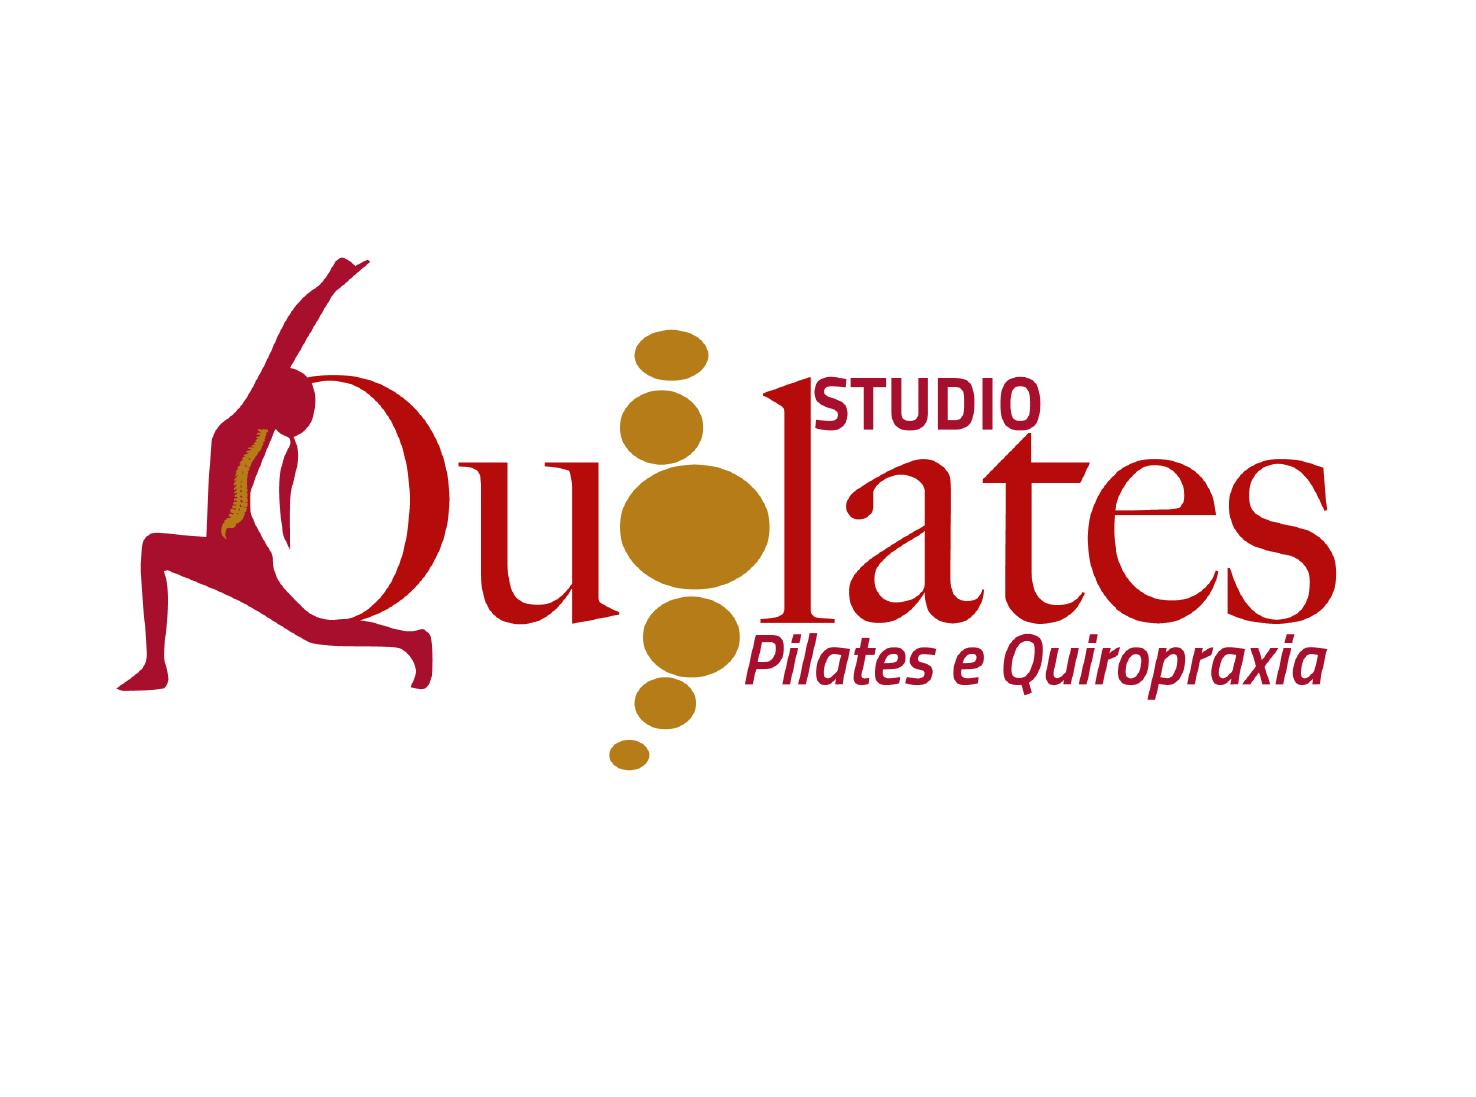 Studio Quilates